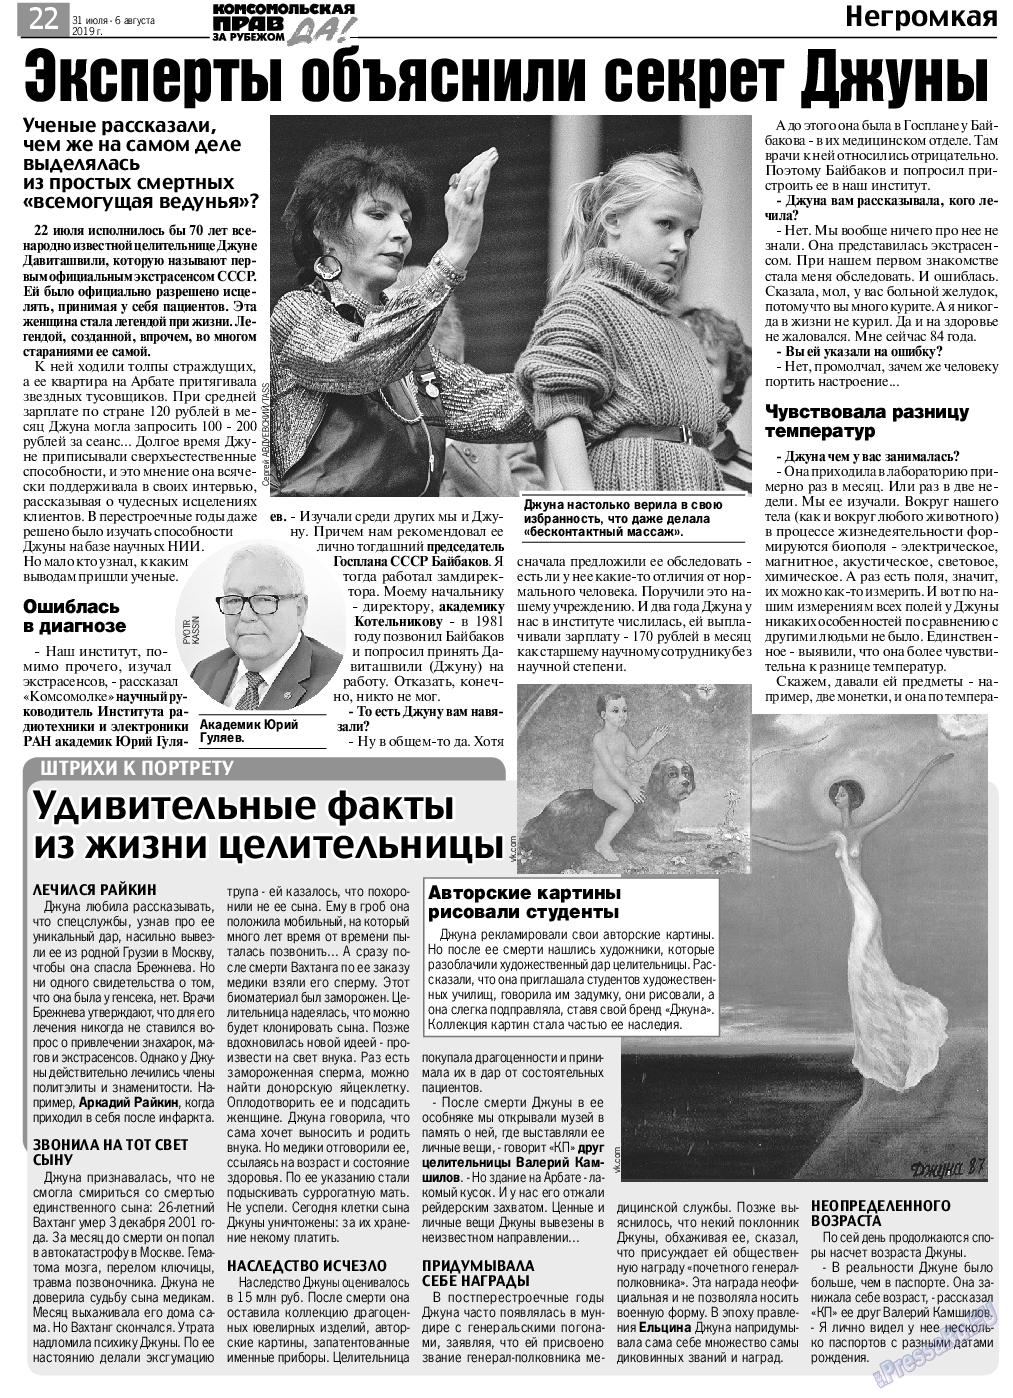 КП в Европе (газета). 2019 год, номер 31, стр. 22